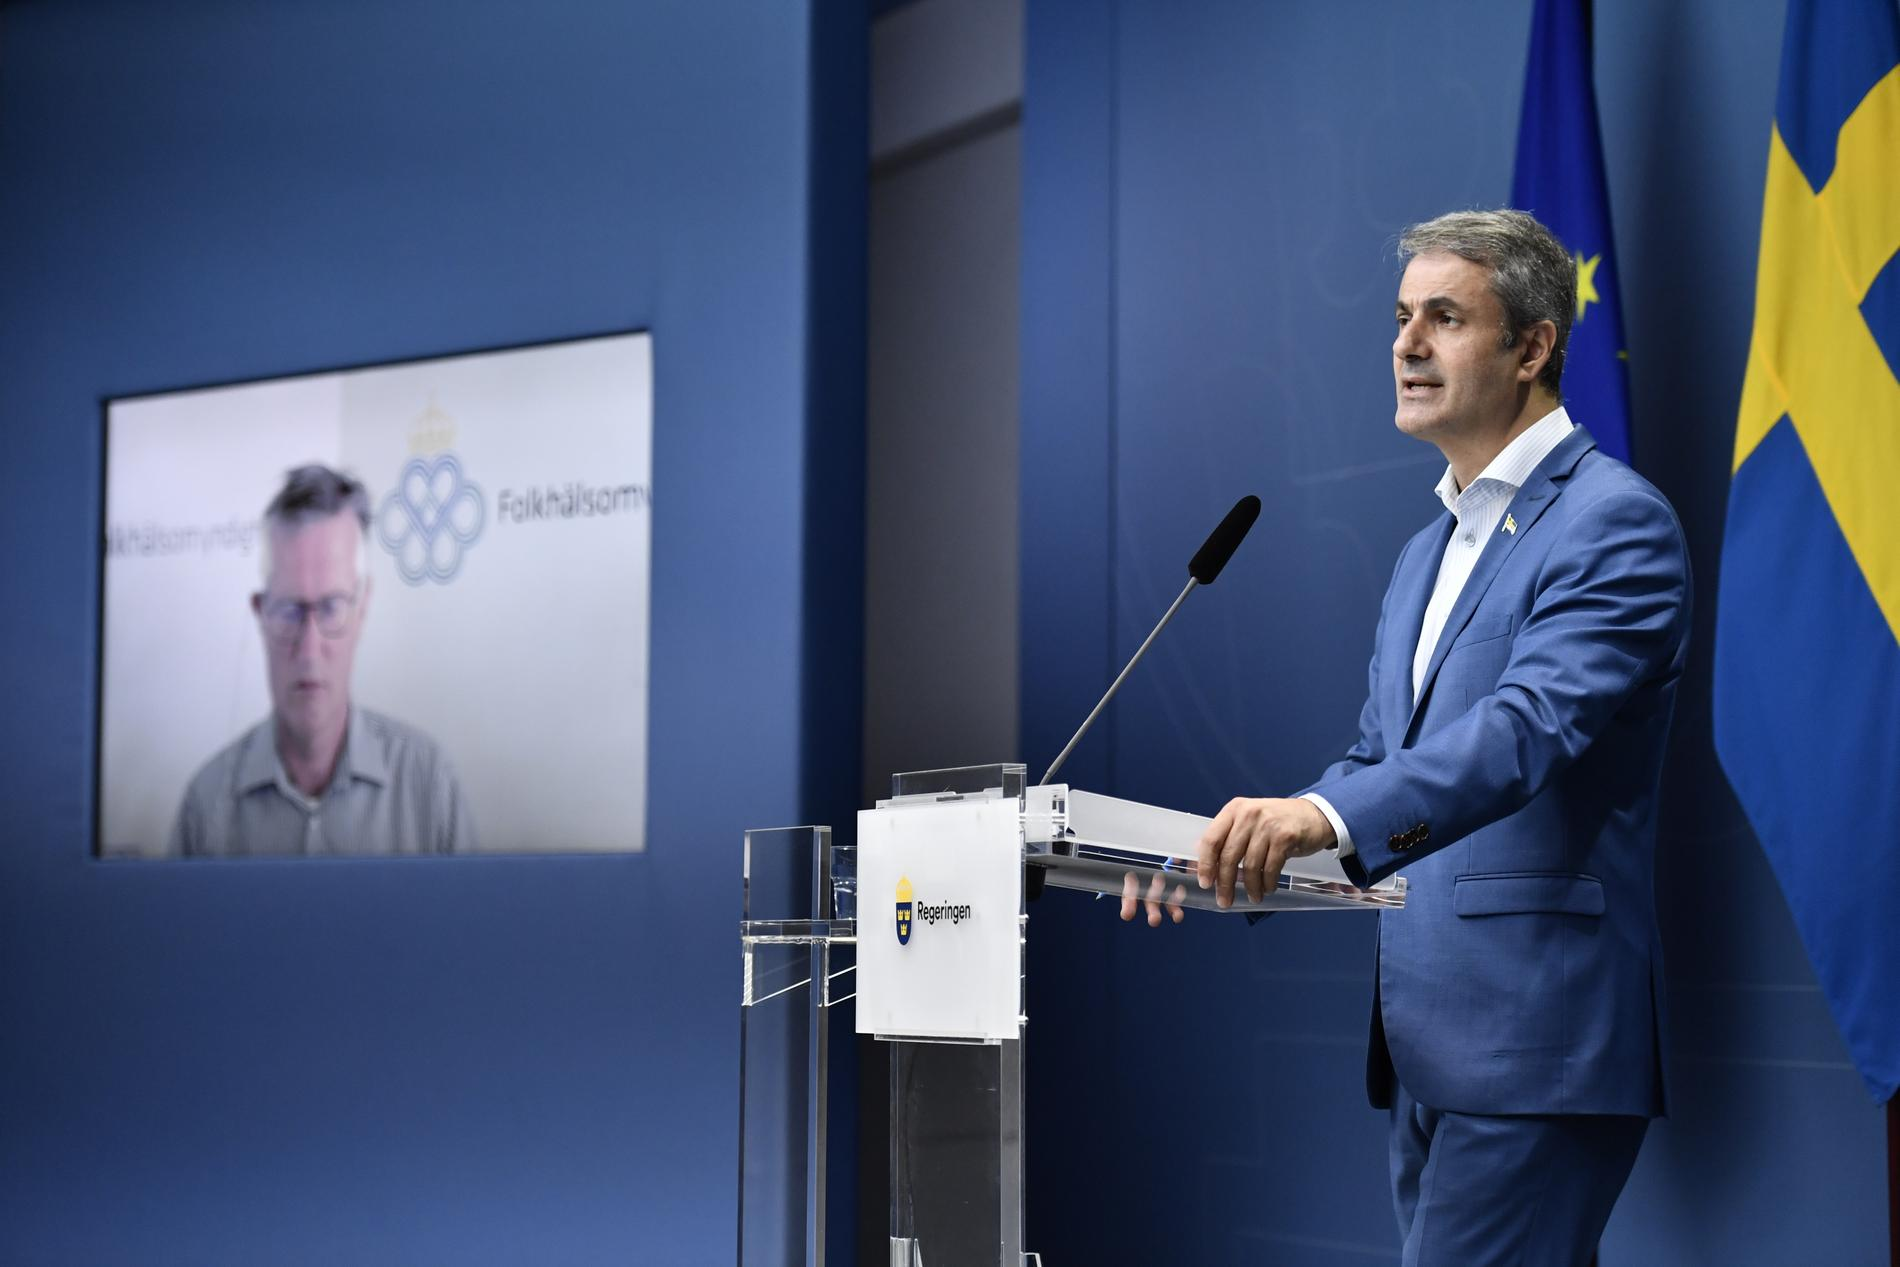 Näringsminister Ibrahim Baylan (S) och statsepidemiolog Anders Tegnell (t.v.) vid en digital pressträff med anledning av regeringens plan för avveckling av restriktioner.